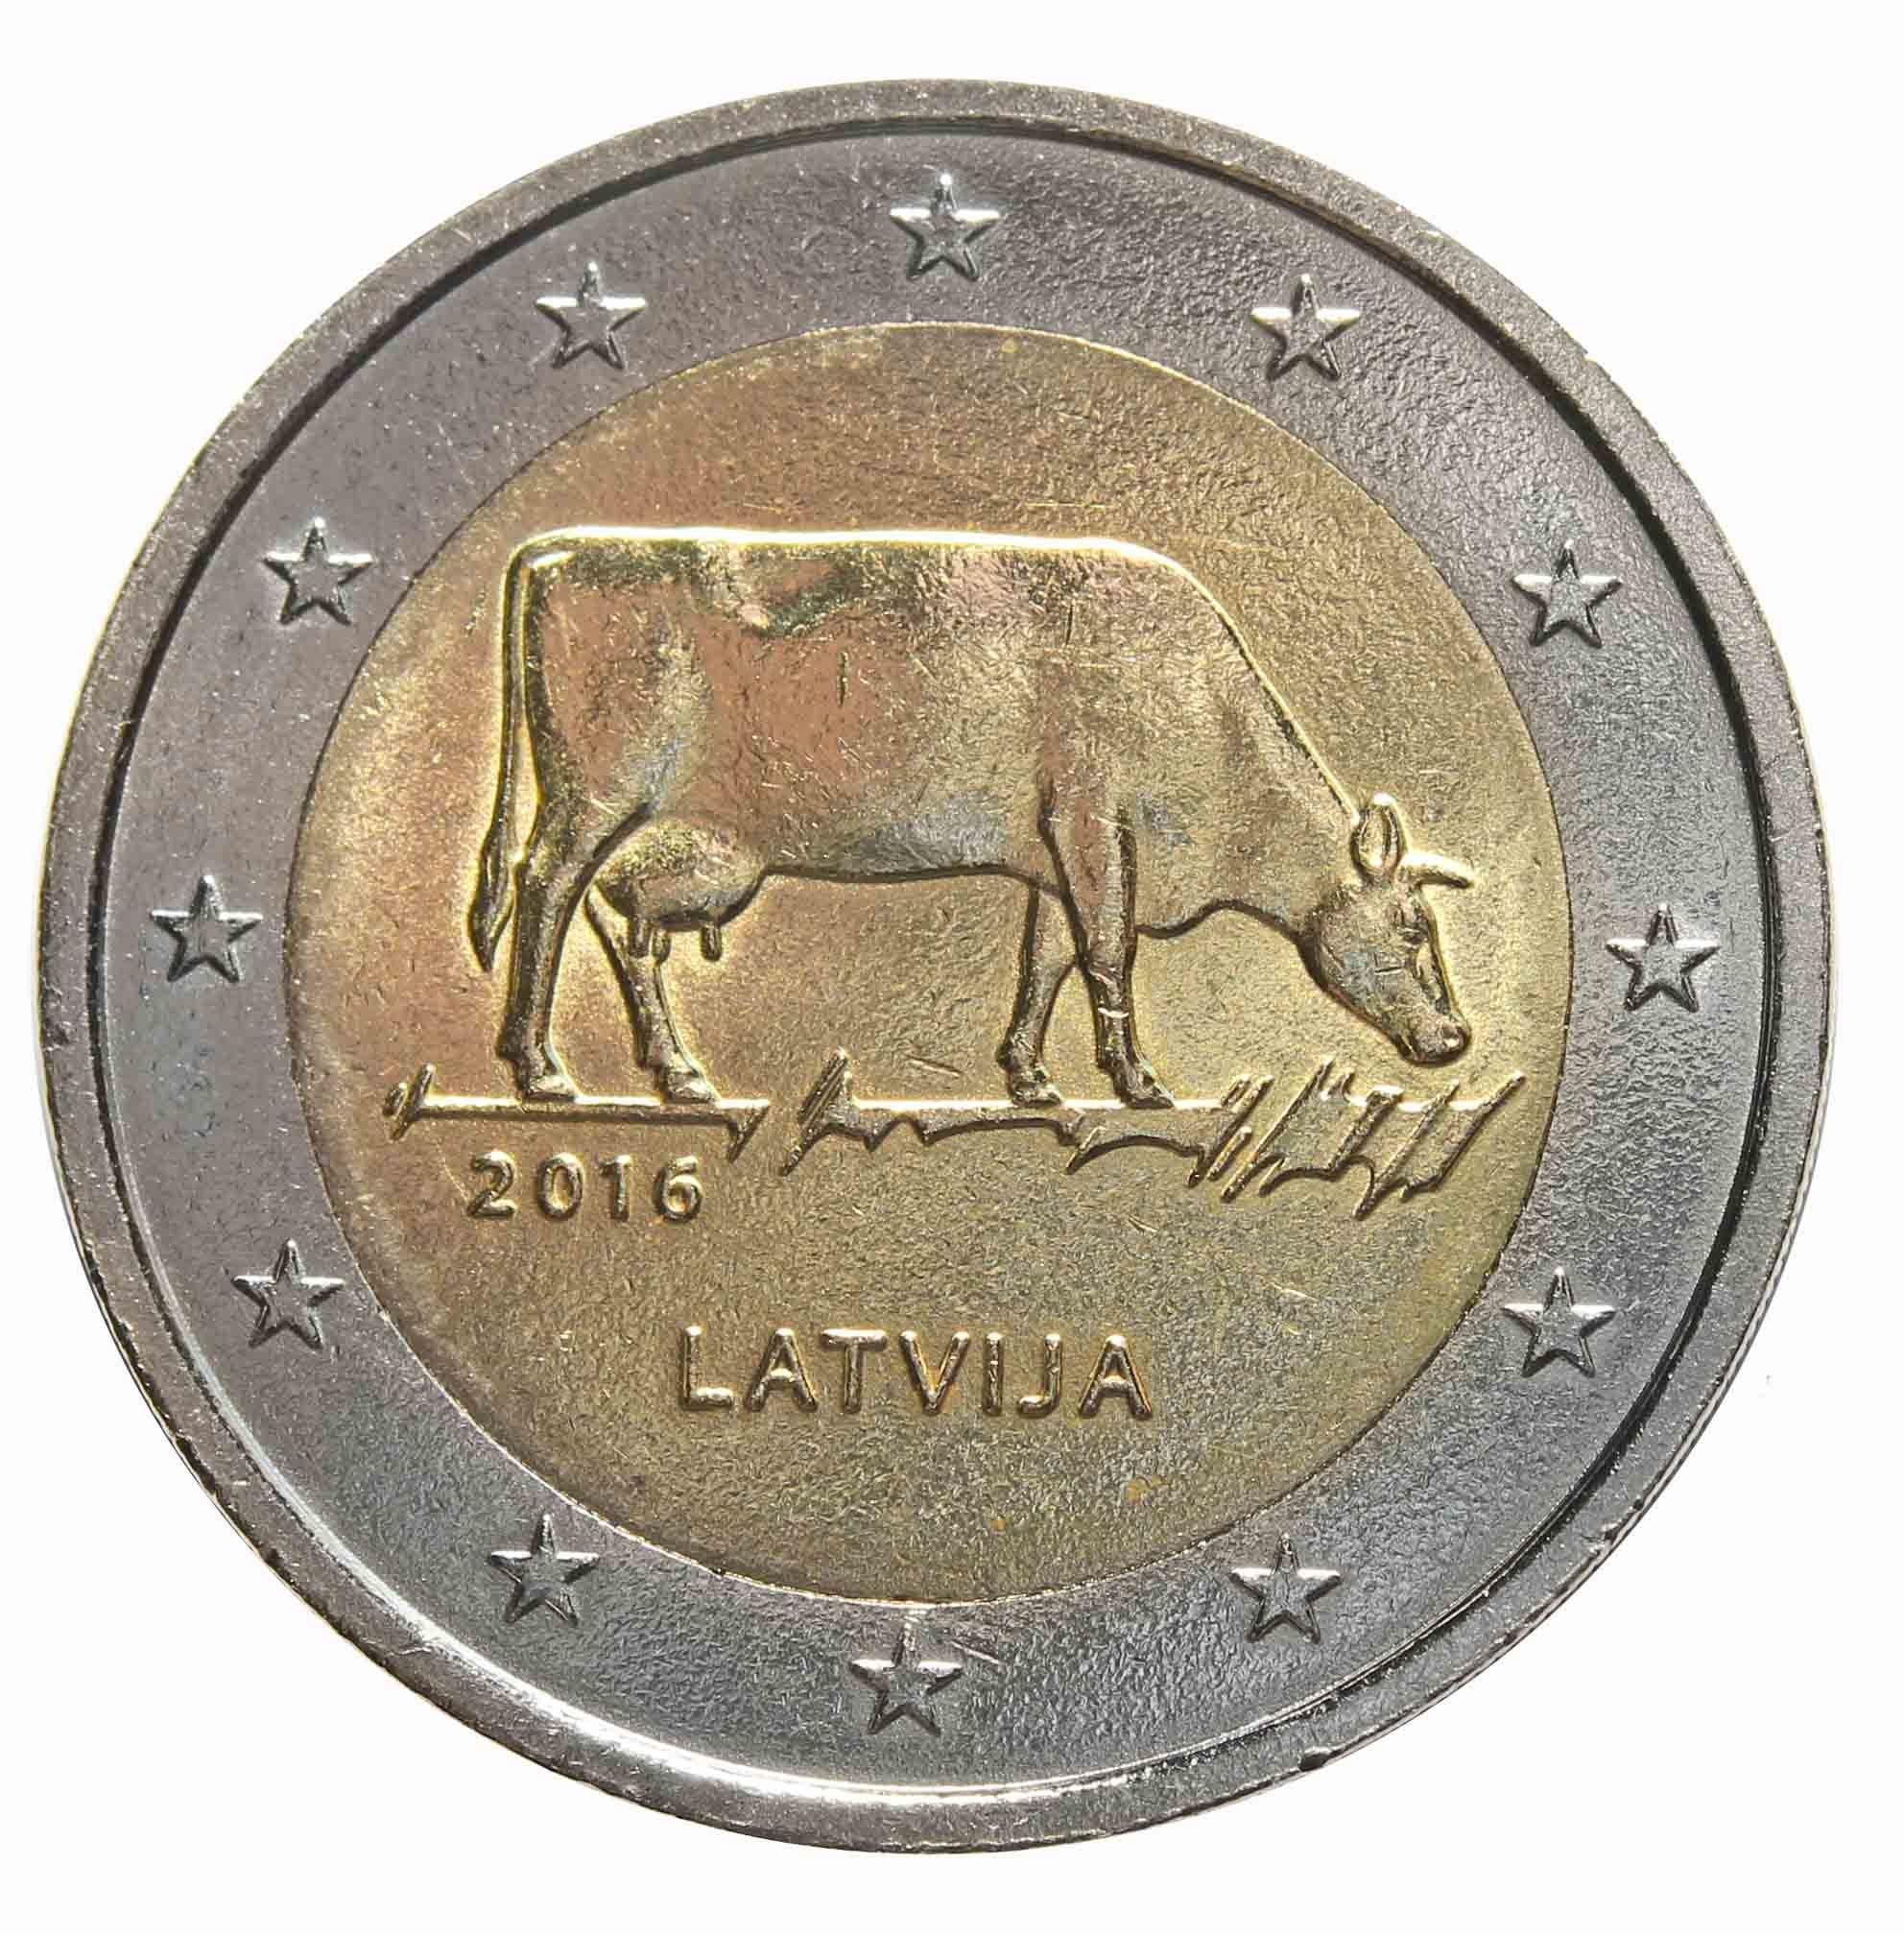 2 евро 2016 Латвия - Корова. Сельское хозяйство